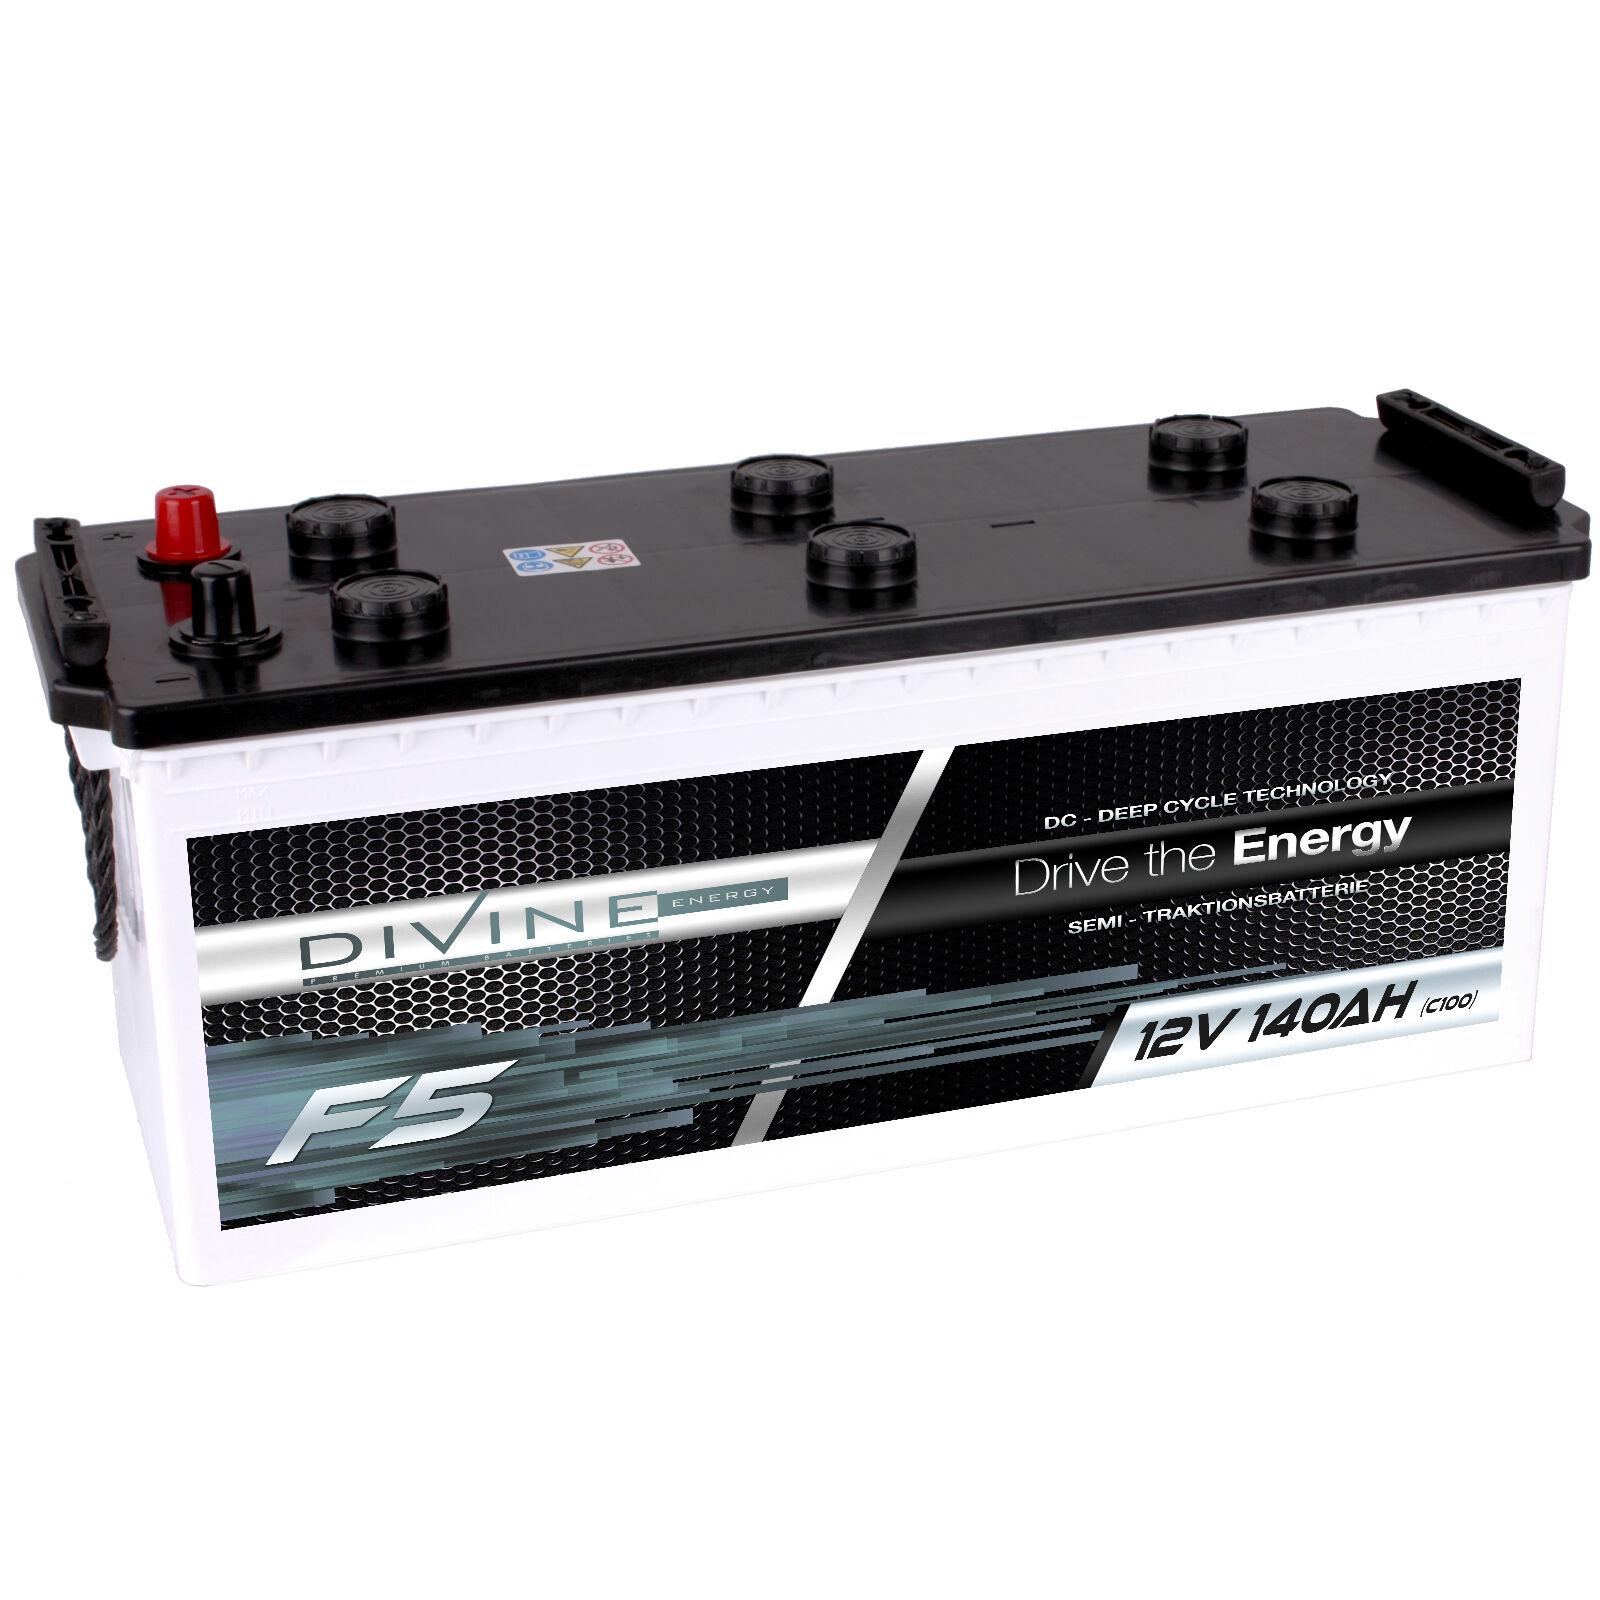 DiVine F5 Marine 12V 140Ah Batterie für Stiefel Yacht Schiff Marine F5 Antrieb Alarm Hobby 2895e3